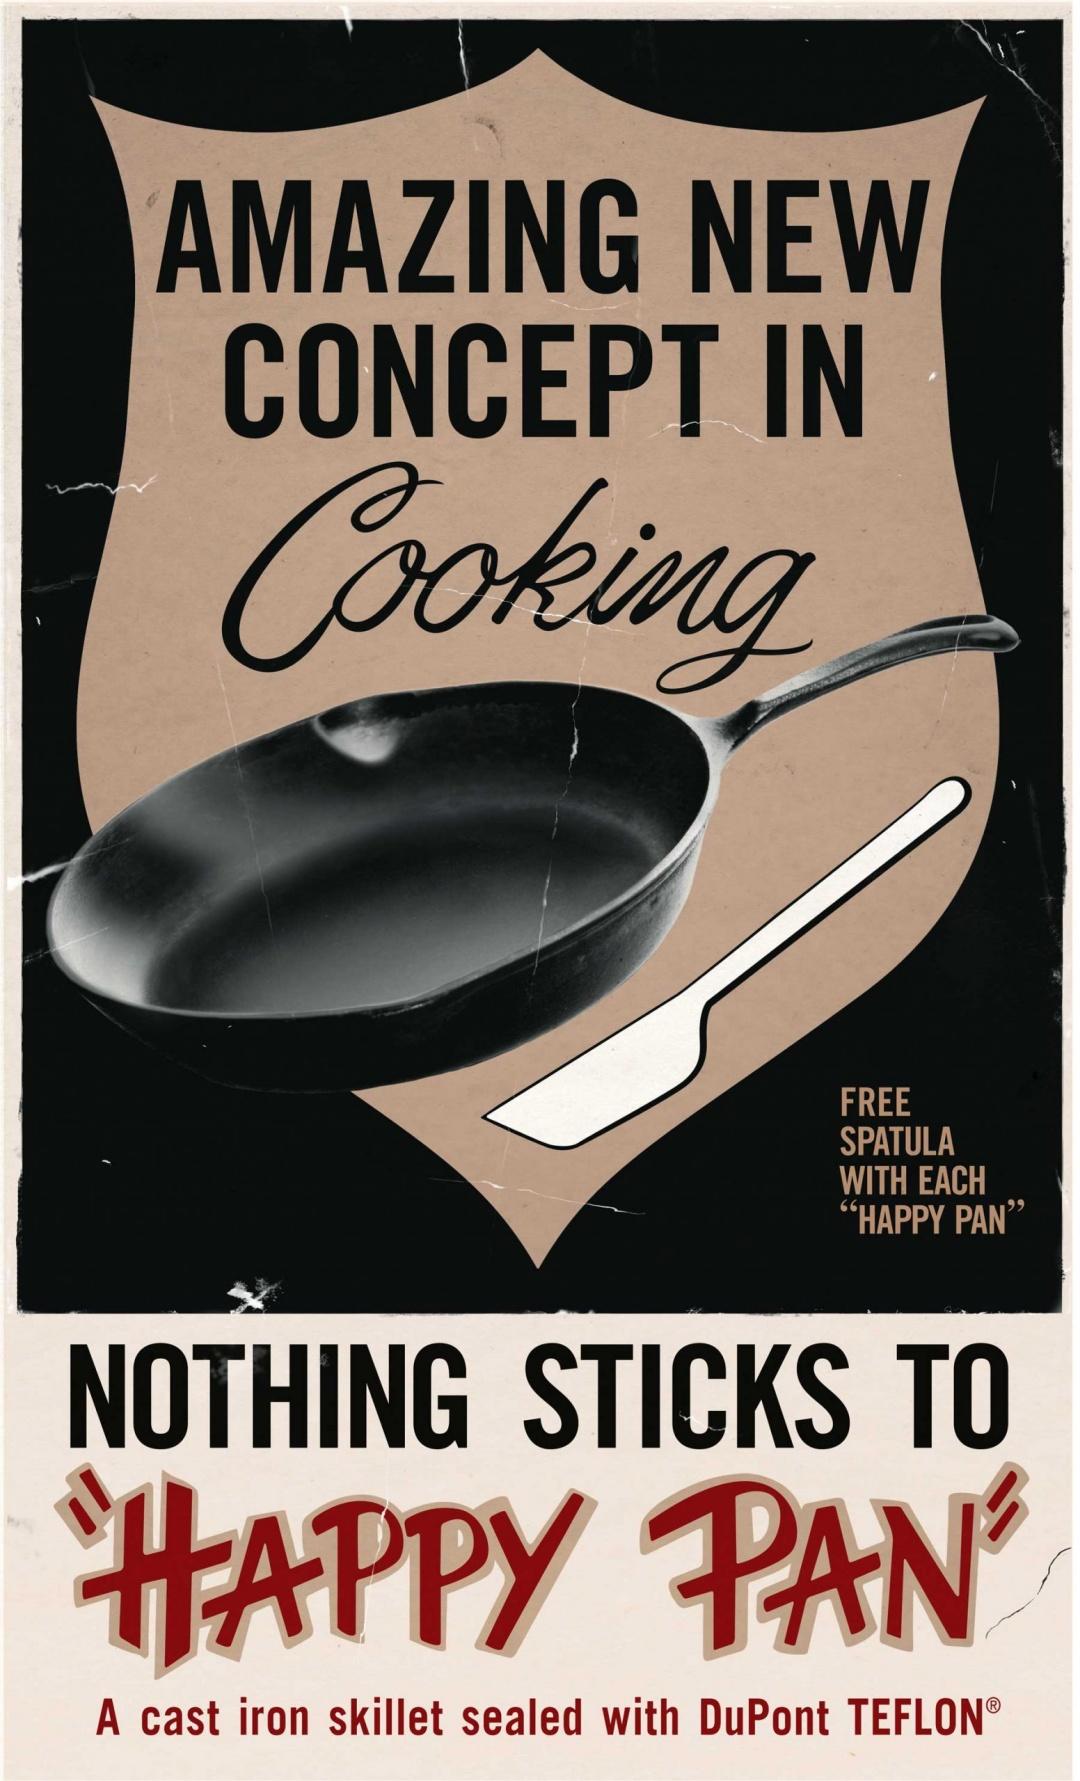 Tại sao đôi khi thức ăn vẫn bị dính vào đáy chảo chống dính? - 2